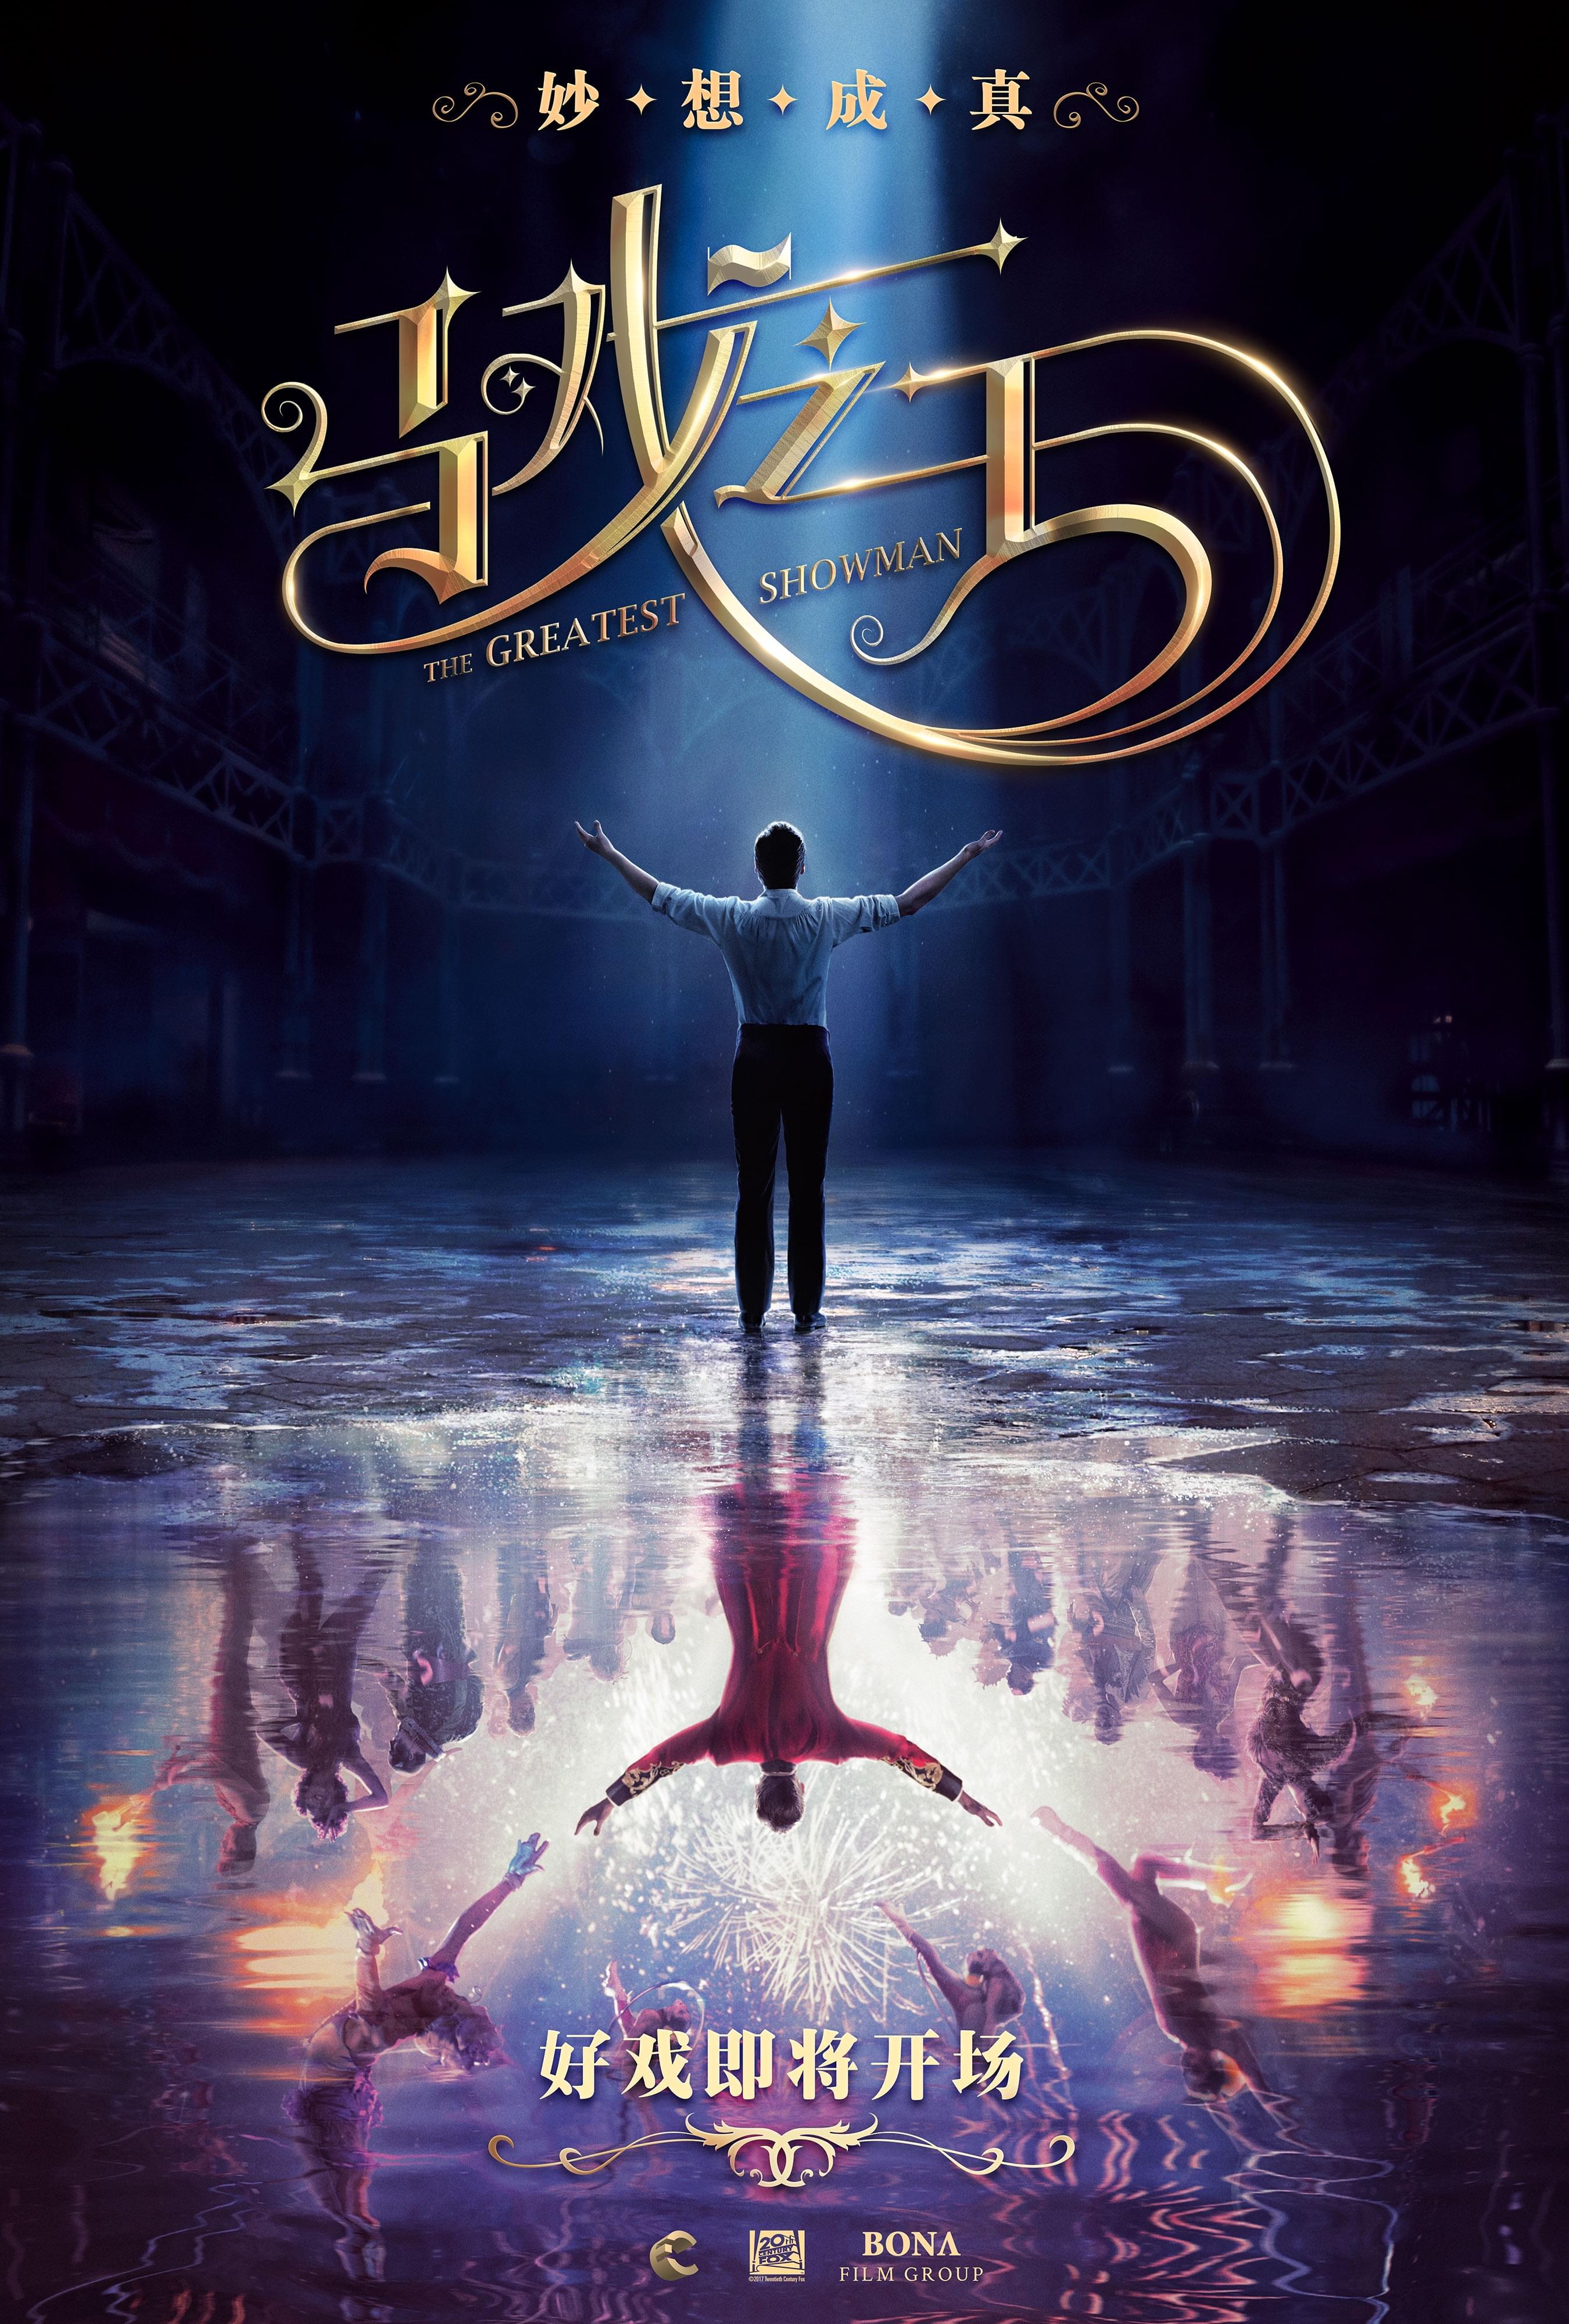 《马戏之王》全球首款海报 休·杰克曼变玩梦大师